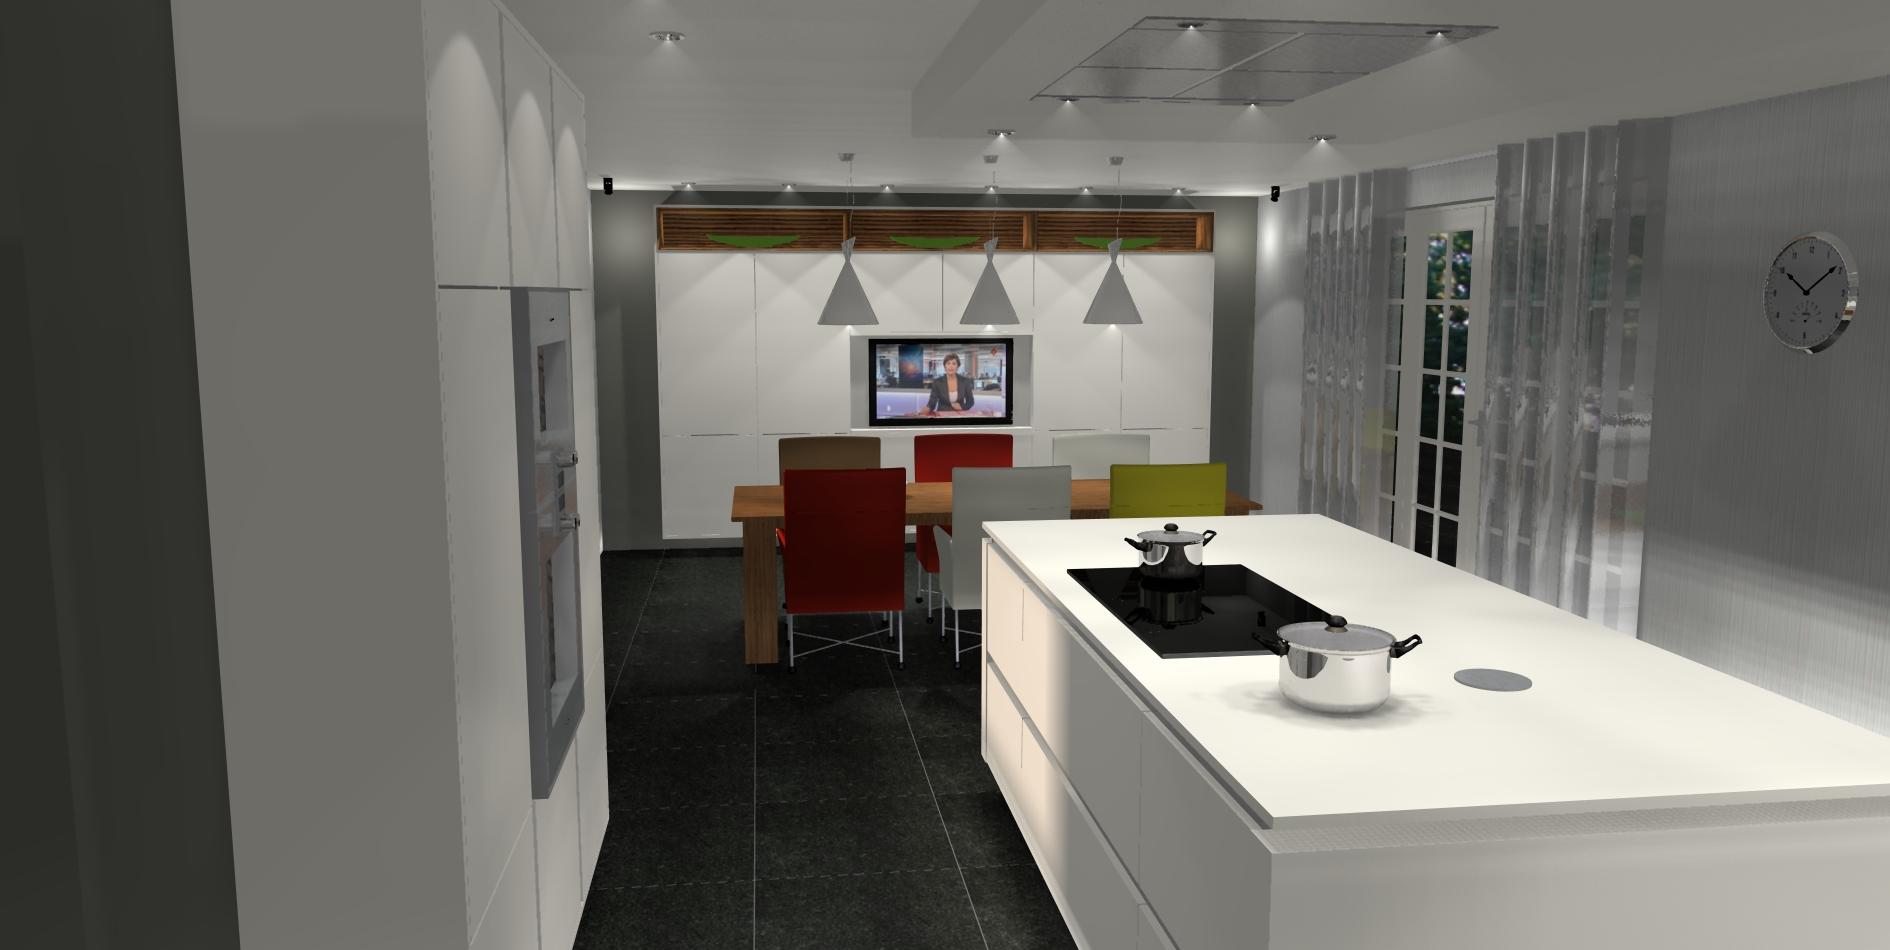 Ontwerp marinus keukens for Keuken plannen in 3d